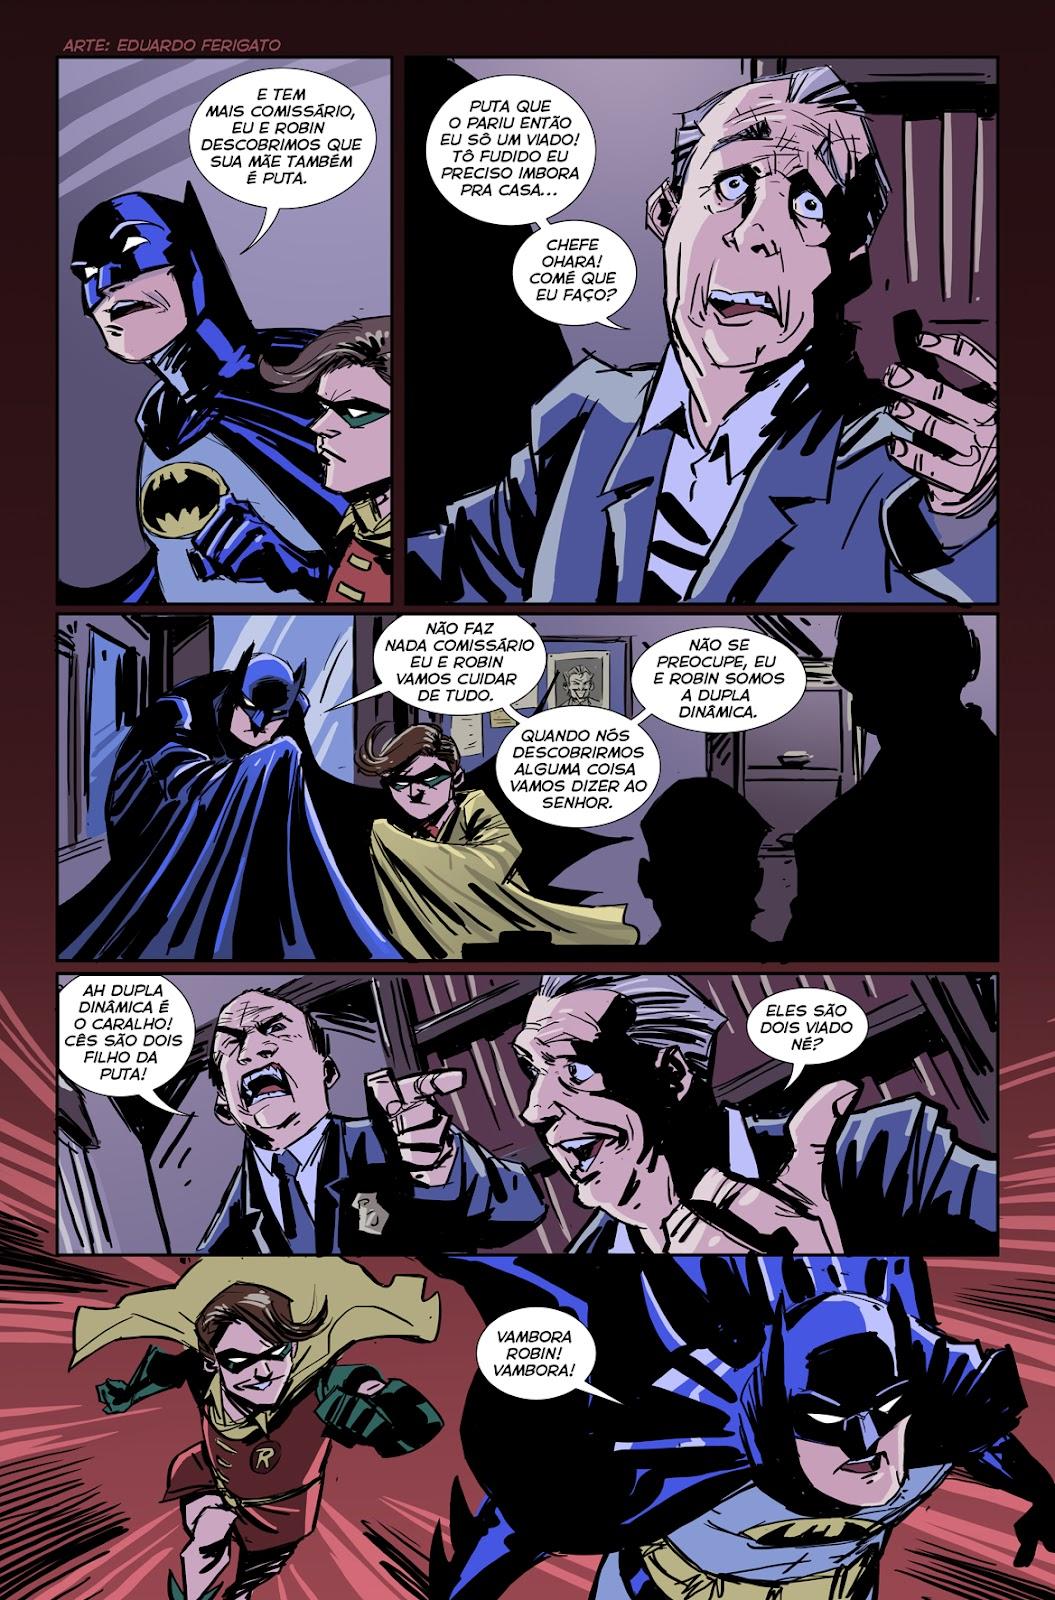 [Tópico Oficial] Batman na Feira da Fruta em Quadrinhos Feira+da+fruta+fruta+5